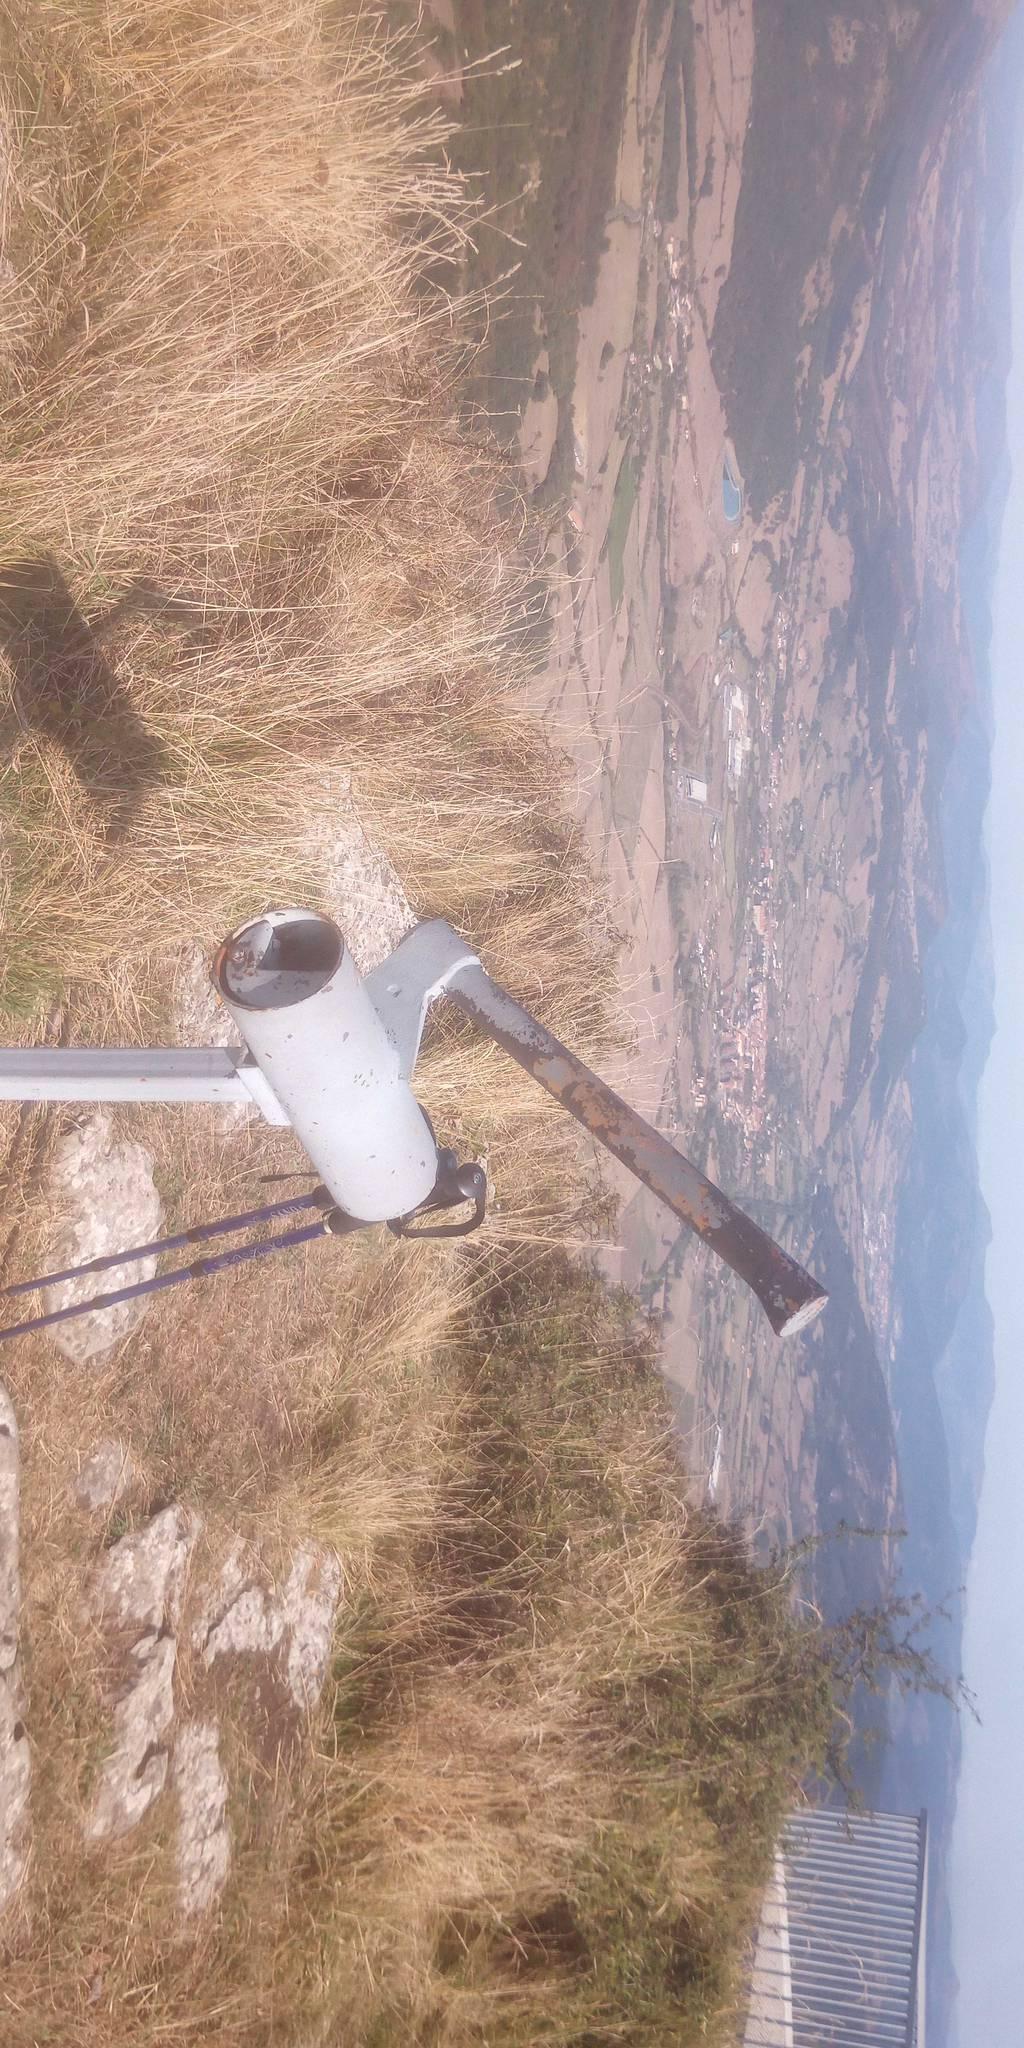 javier aldama erabiltzailea Santiago (Arando) puntan, 2020-09-12 11:47